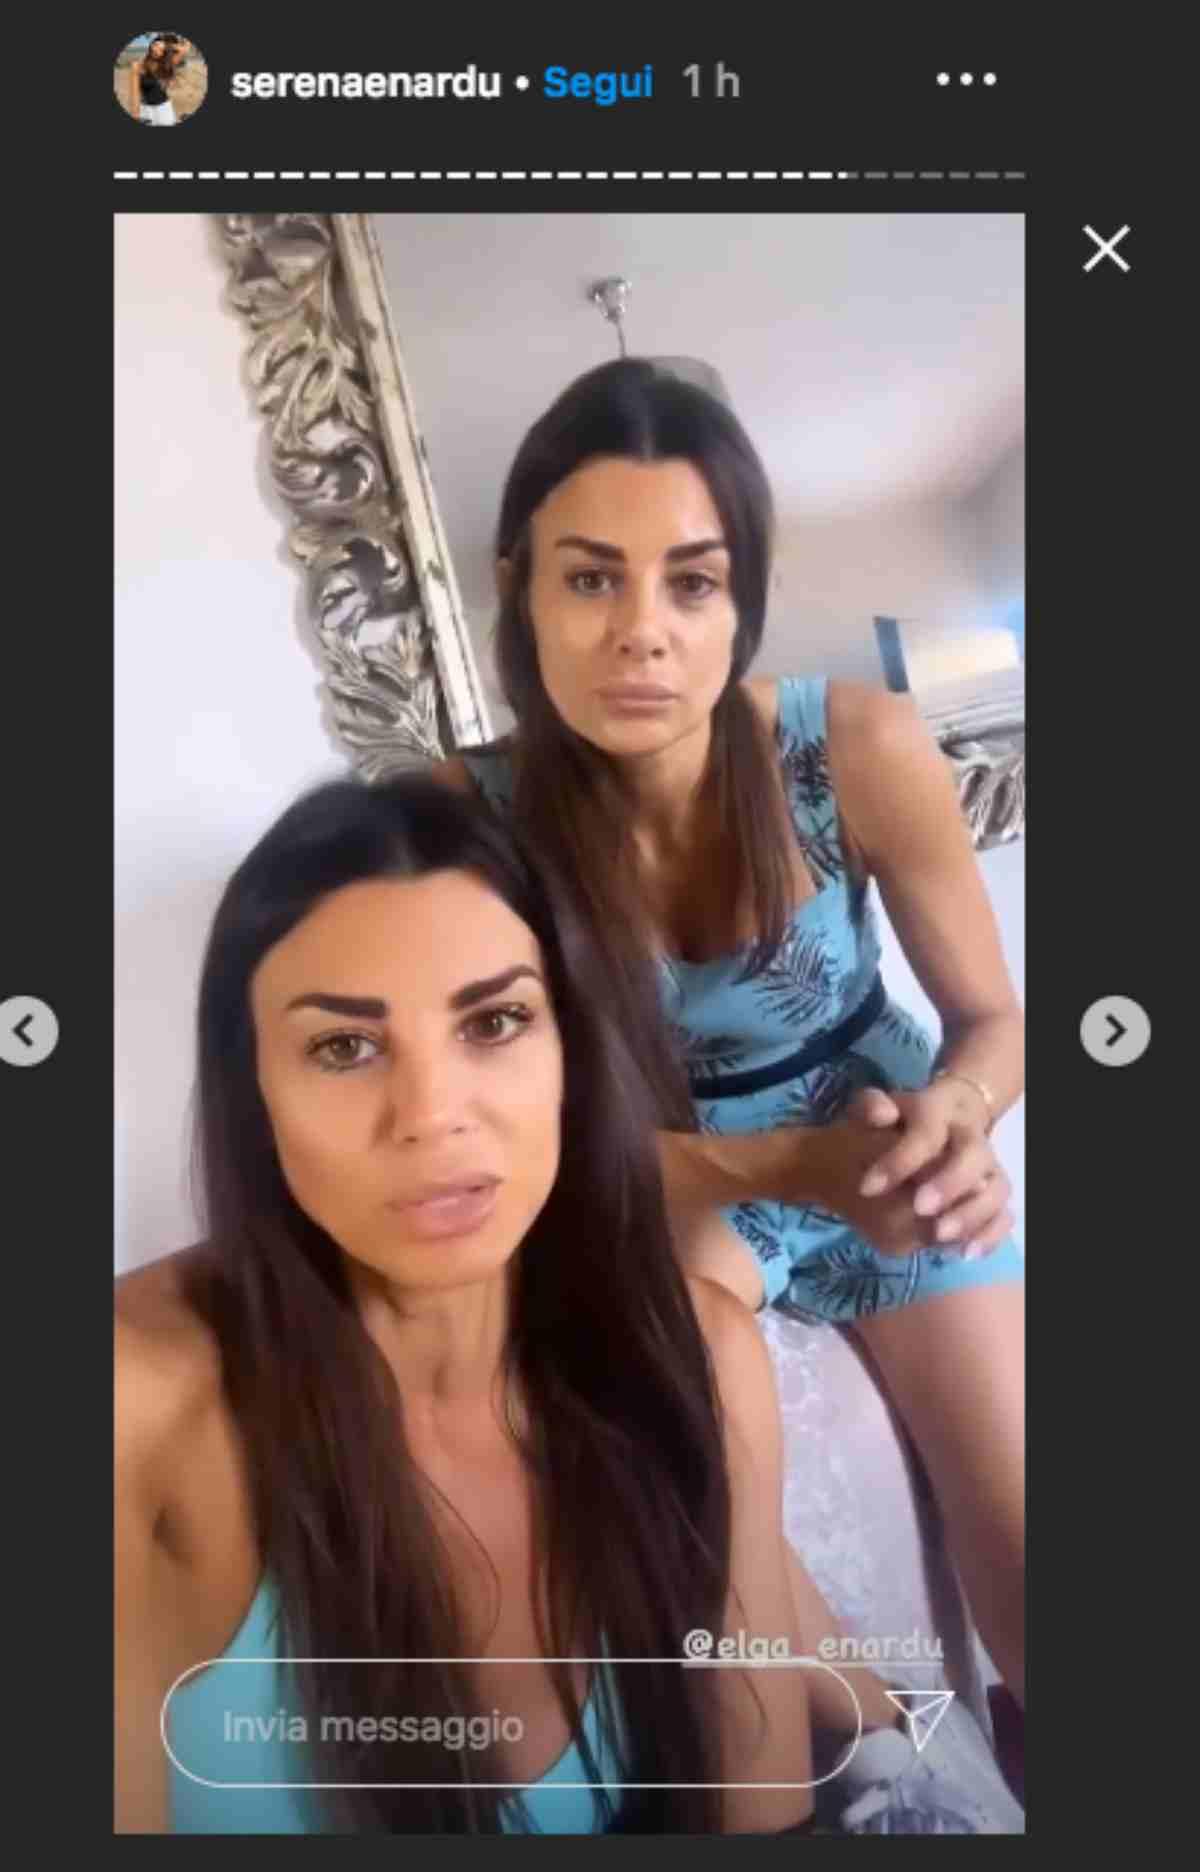 Serena Enardu e la sorella Elga